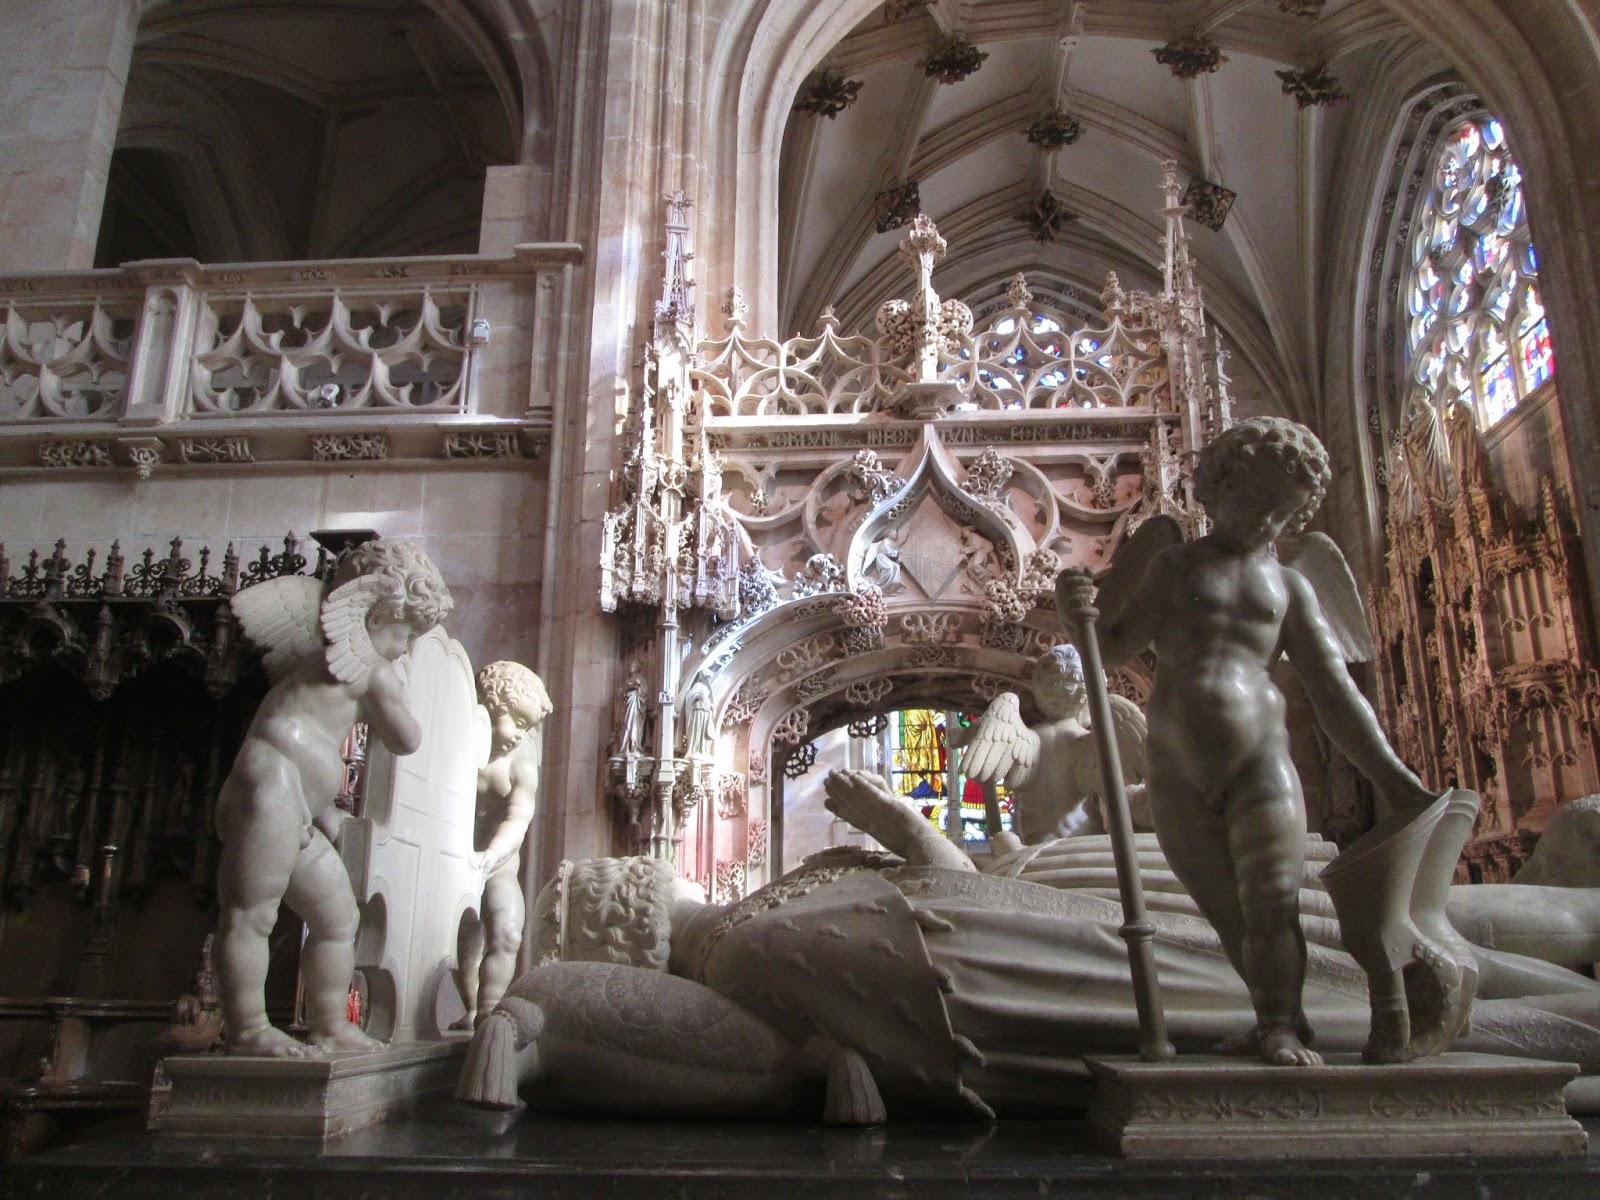 Resultado de imagen para Monasterio Real de Brou ermita